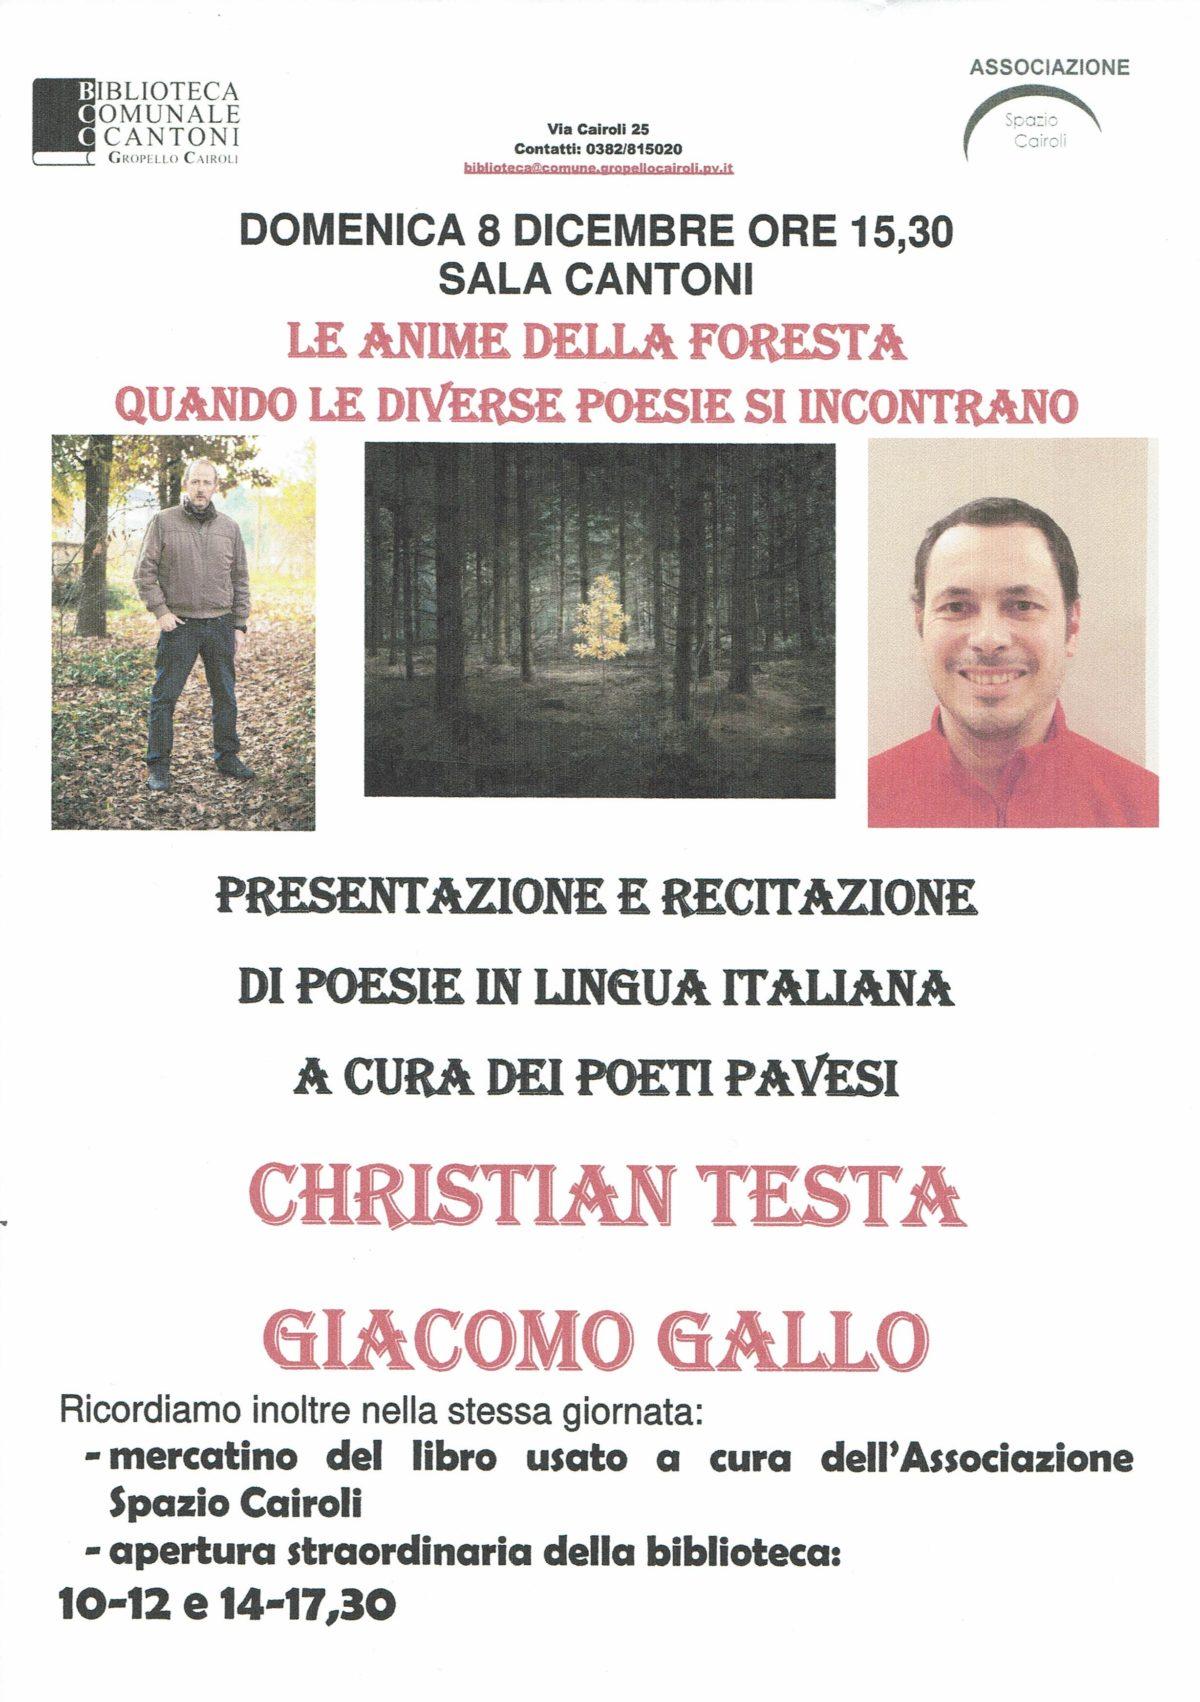 Biblioteca di Gropello C.: domenica 8 dicembre ore 15,30 Presentazione di poesie dei poeti pavese Christian Testa e Giacomo Gallo